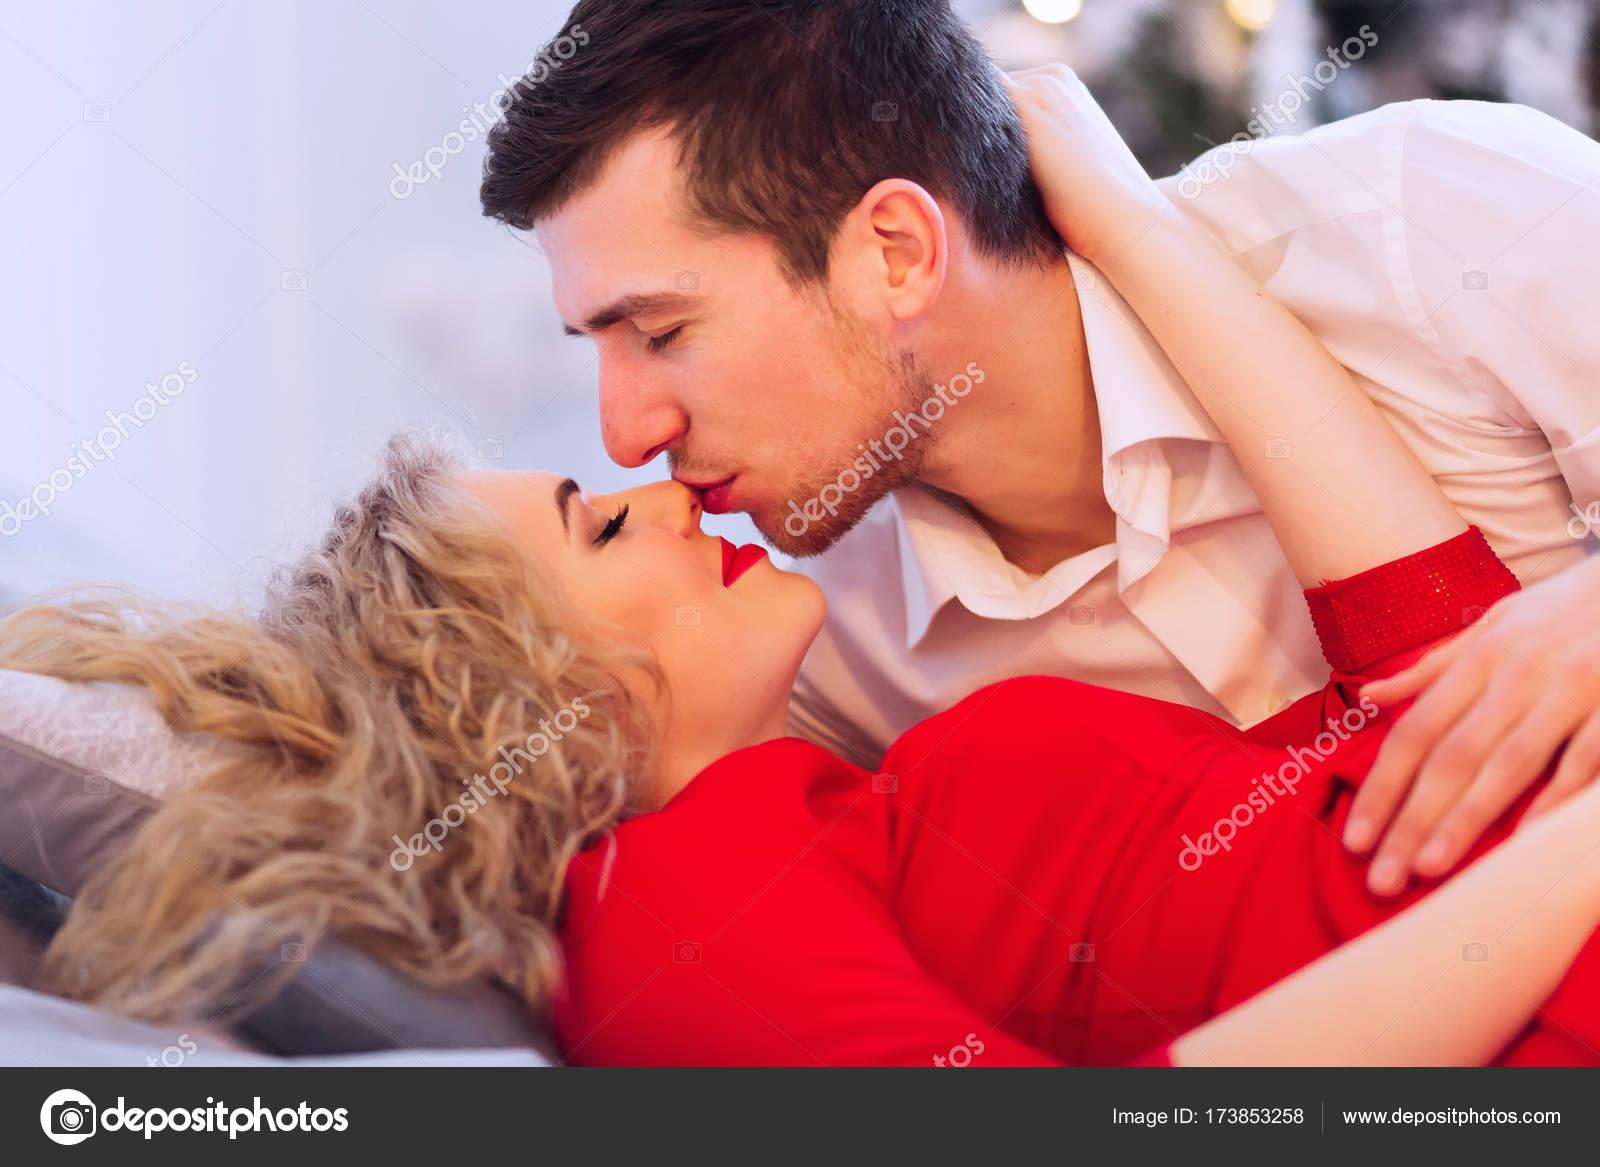 Глубокая глотка, жена нежно целовала подругу и мужа